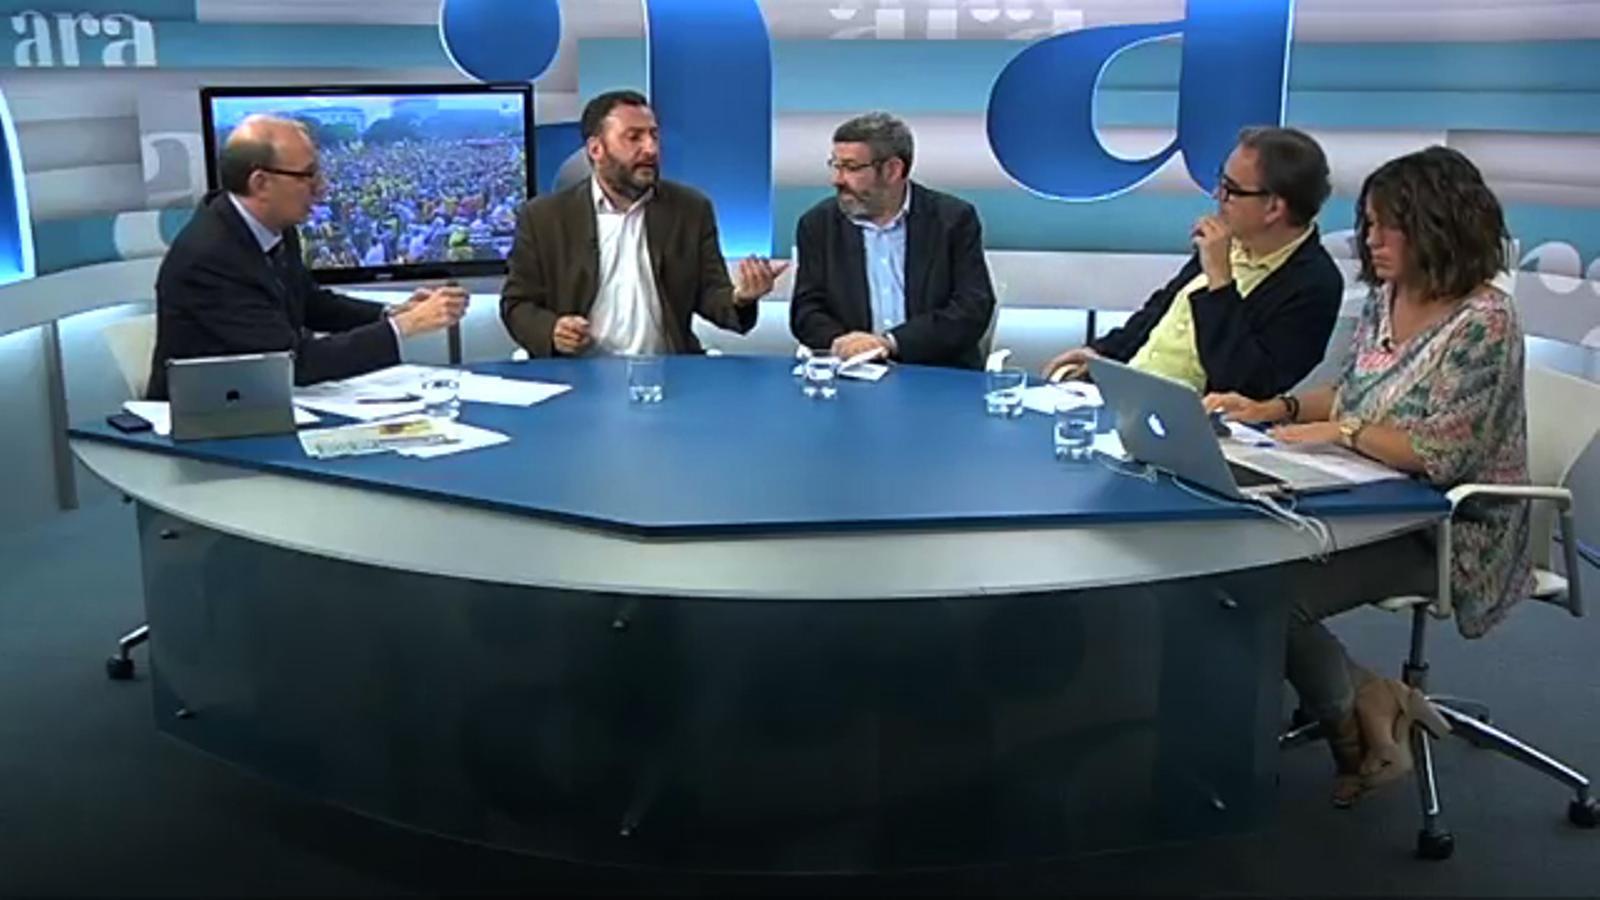 Especial Diada 2013 a l'Ara TV, amb Antoni Bassas: la tertúlia amb Toni Soler, Joan B. Culla i Joan Subirats